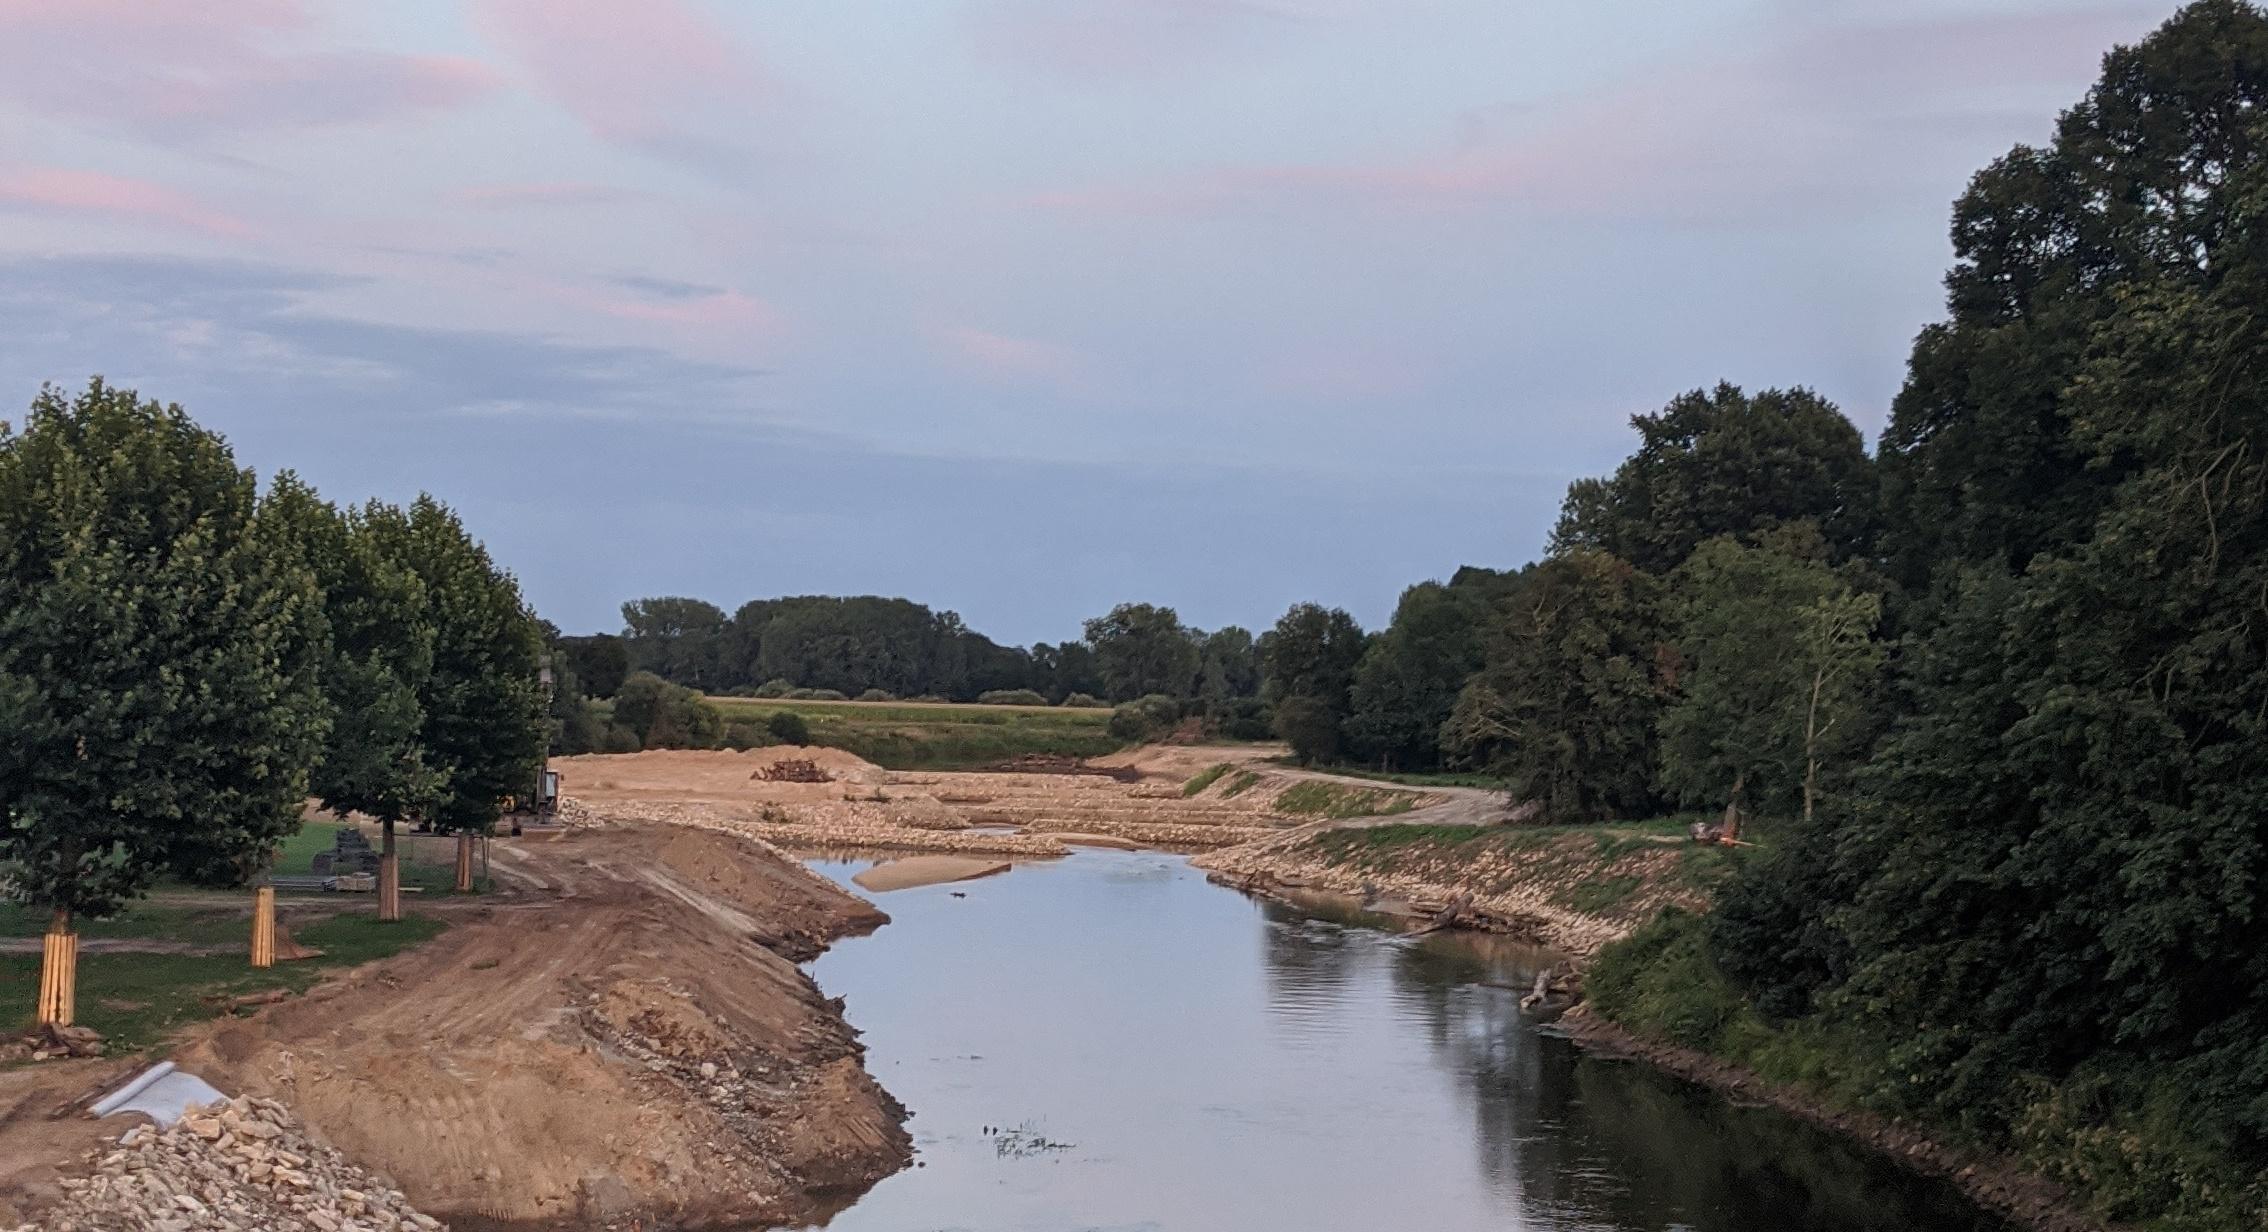 Der Fischaufstieg in Greven von der Brücke aus